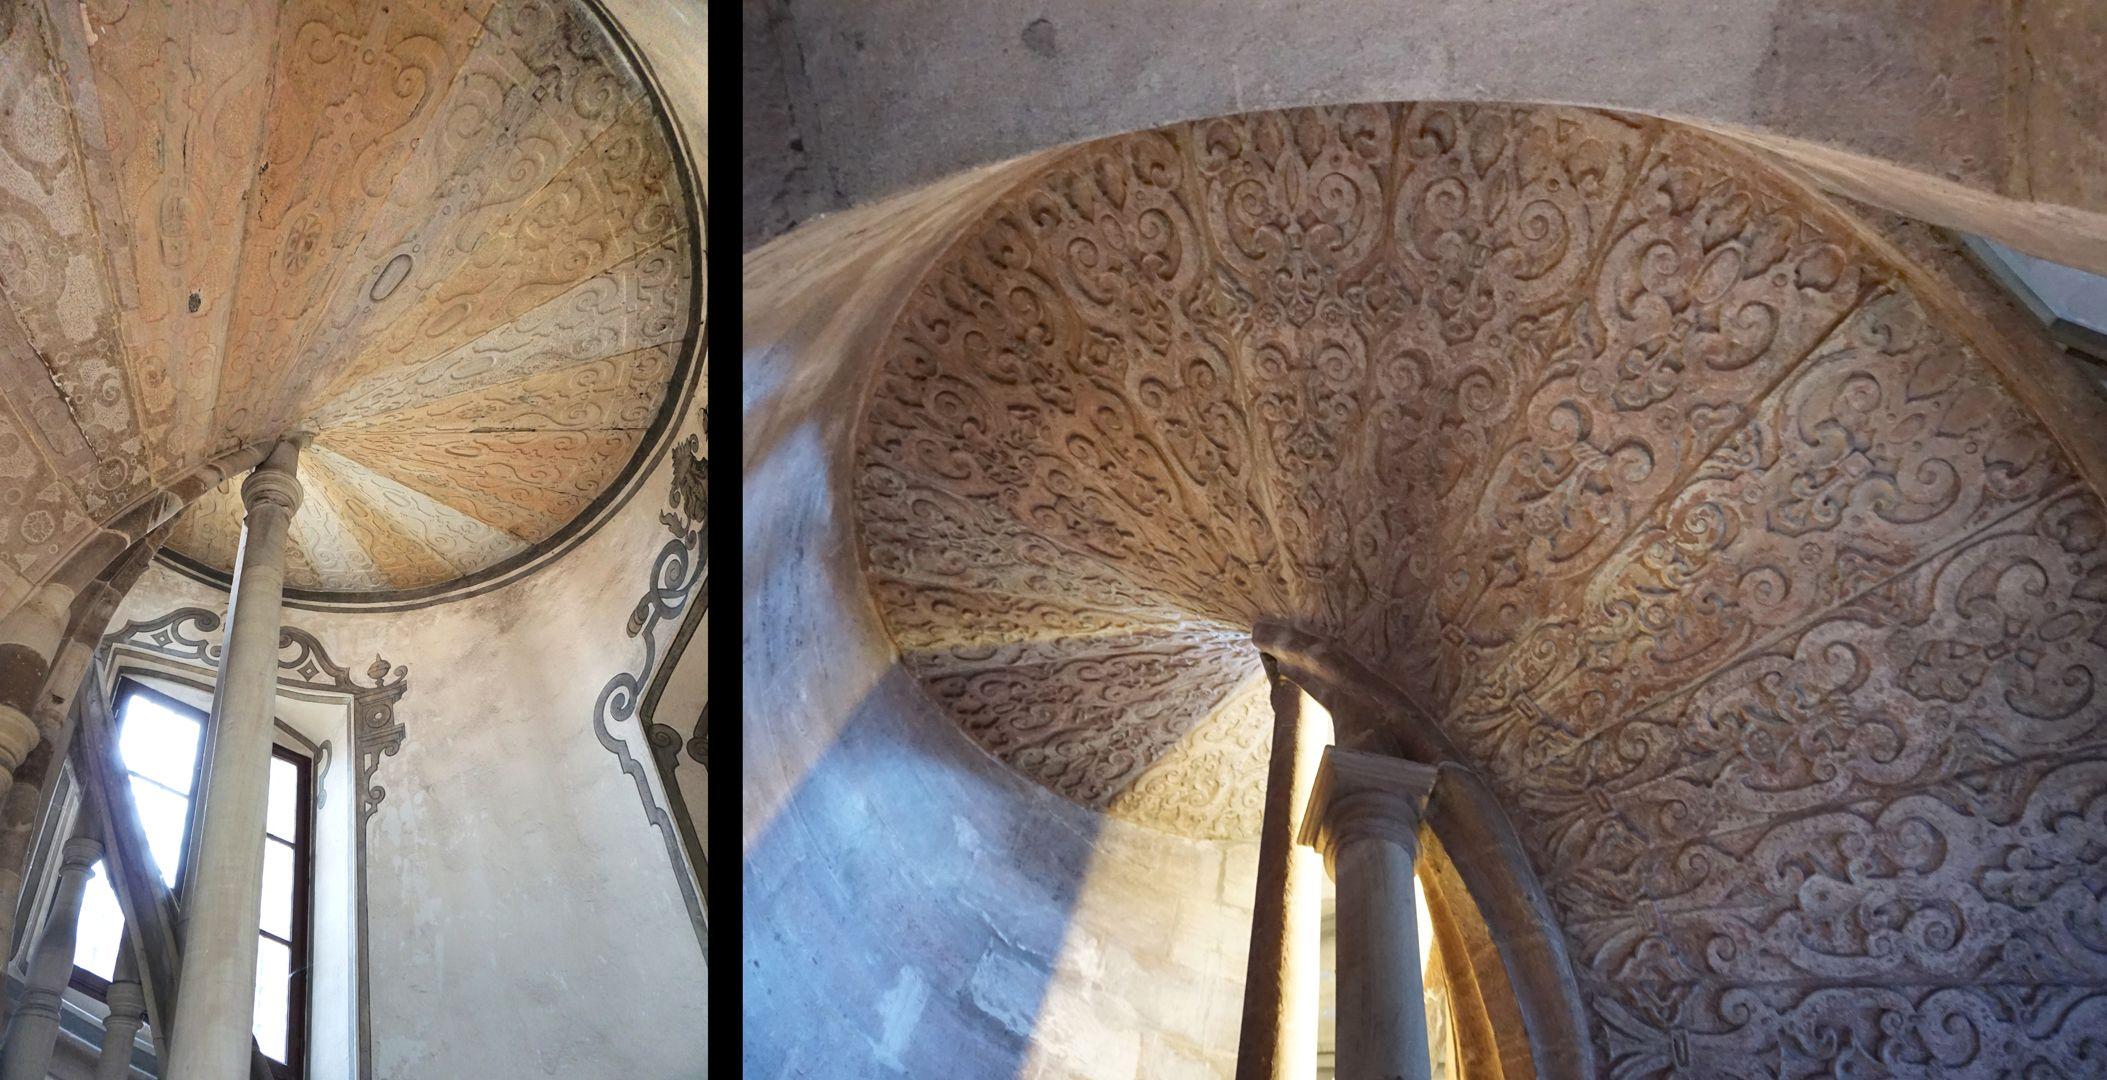 Treppentyp / Pellerhaus inks Straßburg, rechts Nürnberg: Wangensäulchen mit Stufenunterseite